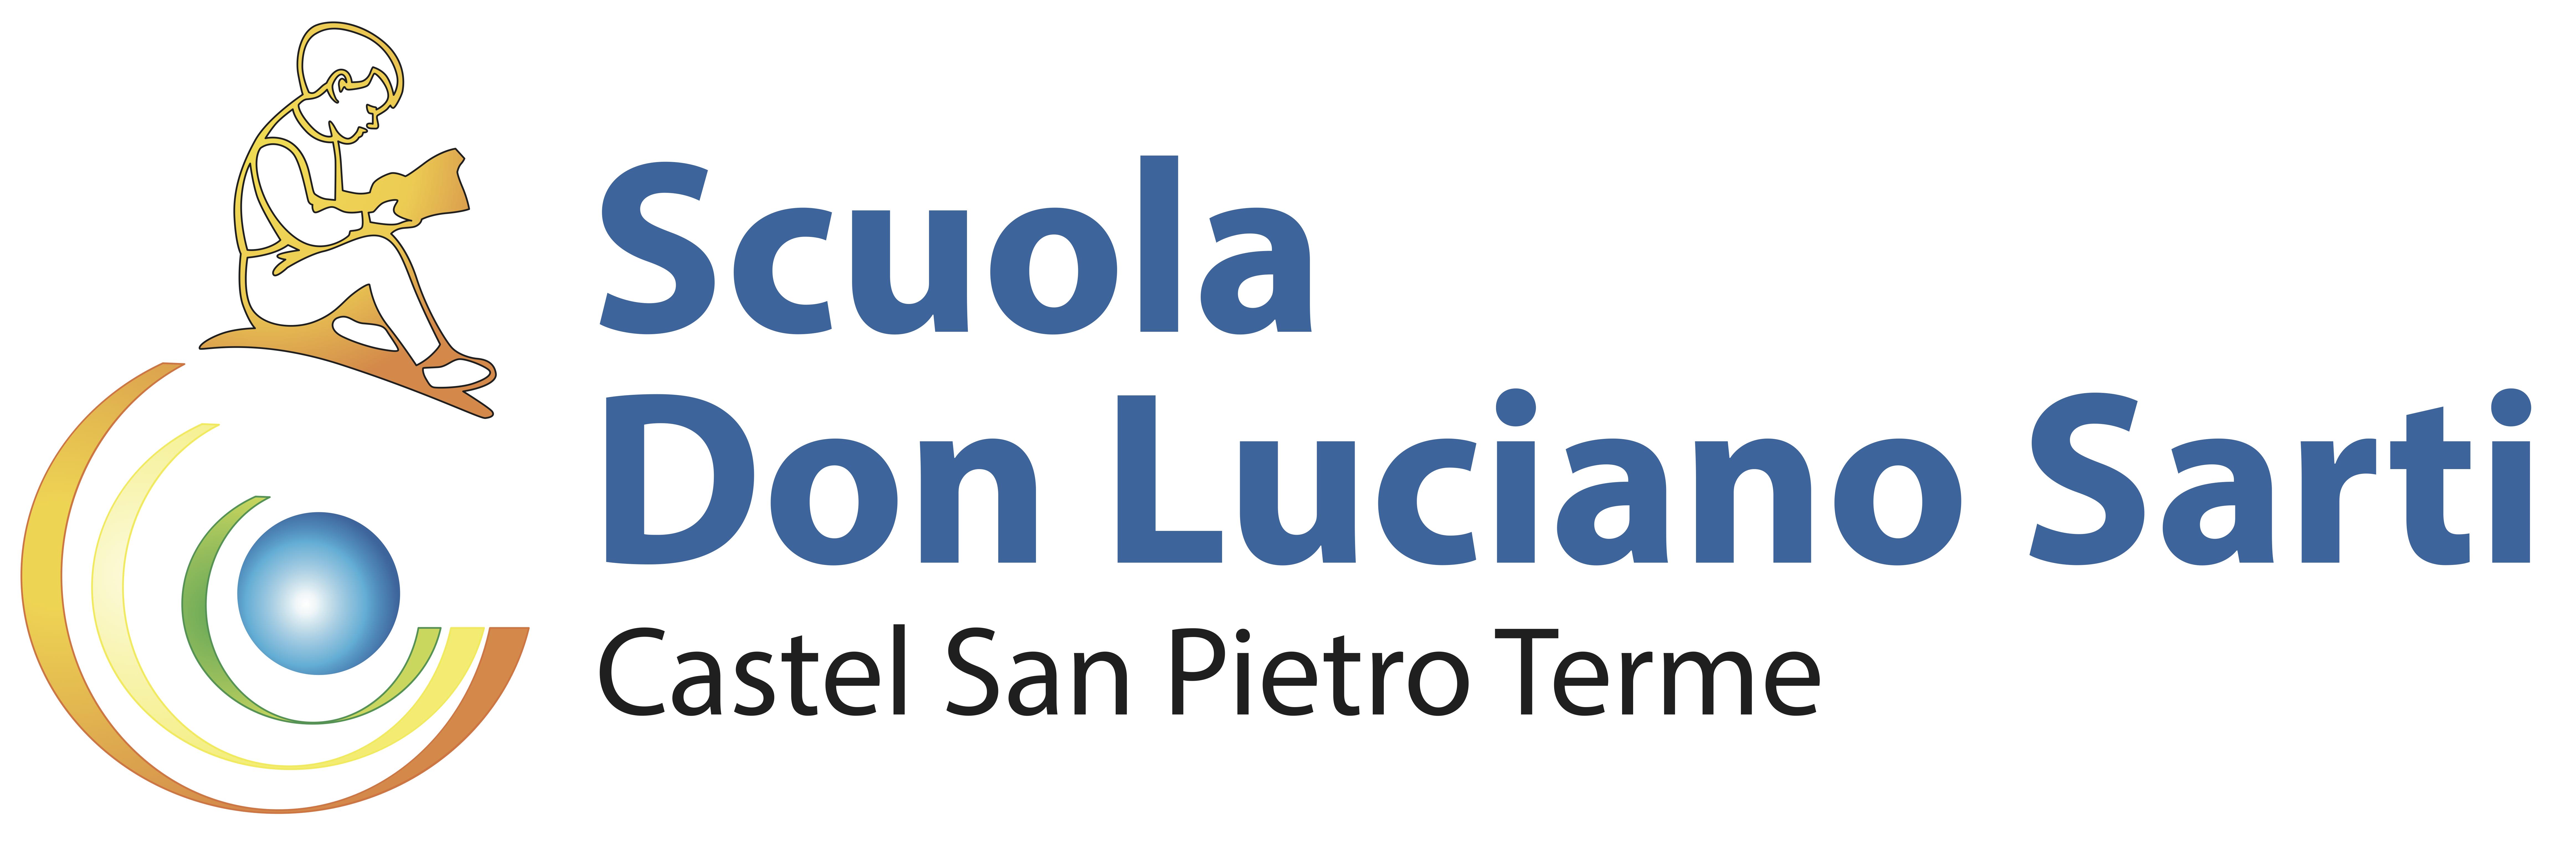 Scuole don Luciano Sarti